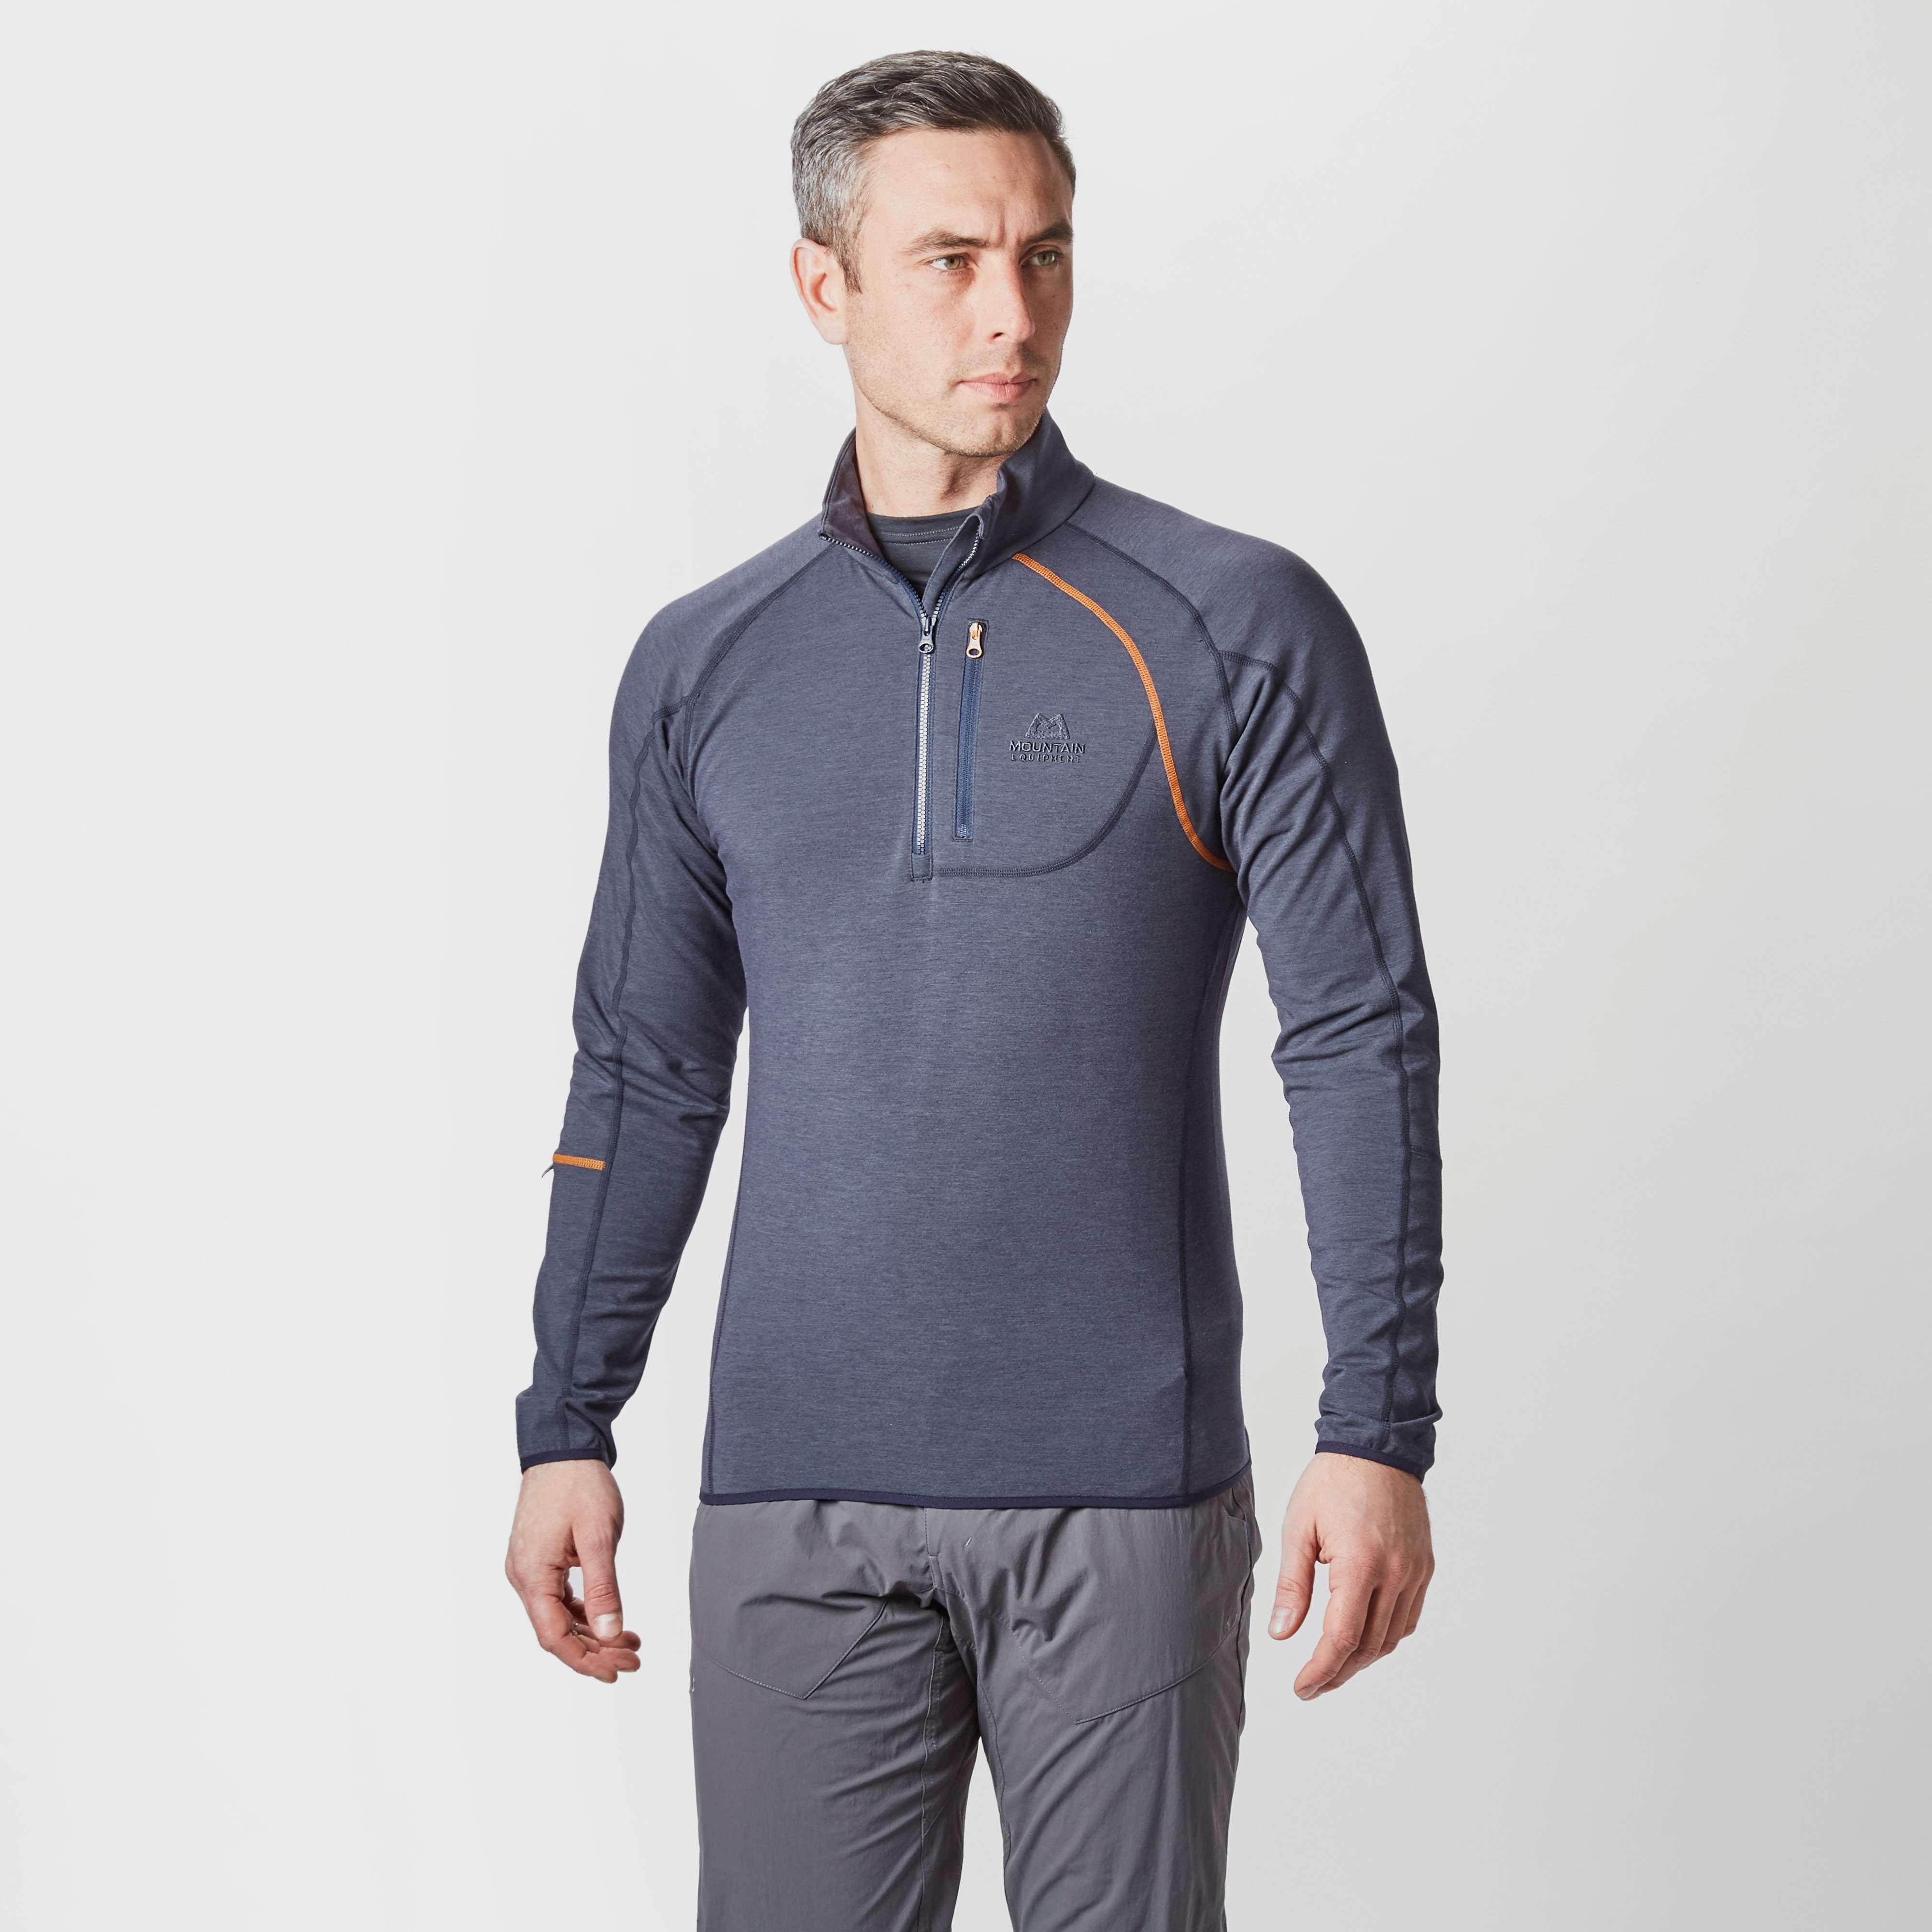 MOUNTAIN EQUIPMENT Men's Sidewinder Zip Fleece